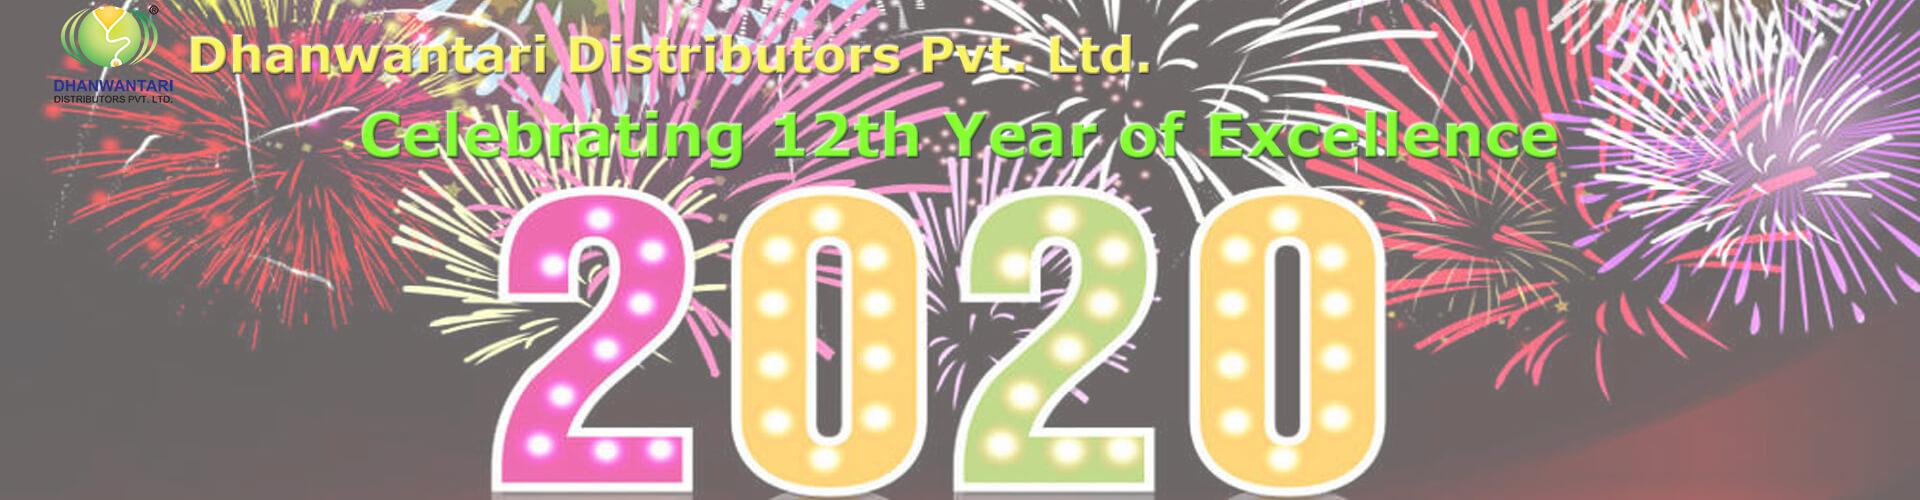 Dhanwantari Distributors Pvt  Ltd